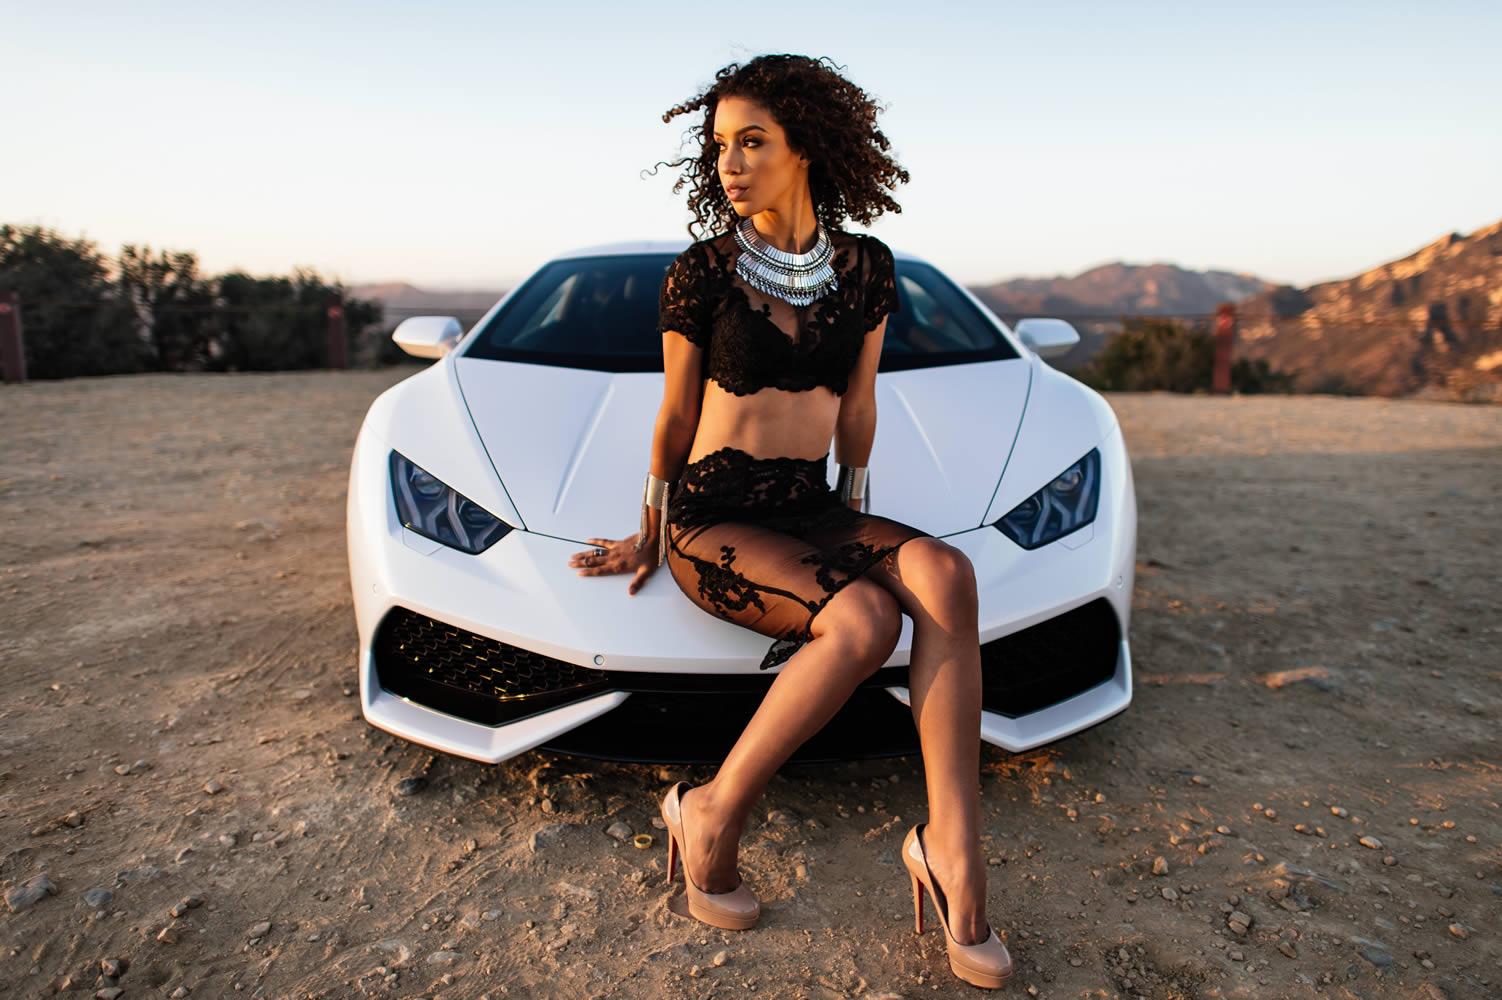 Сексуальные девушки и автомобили (часть 42)